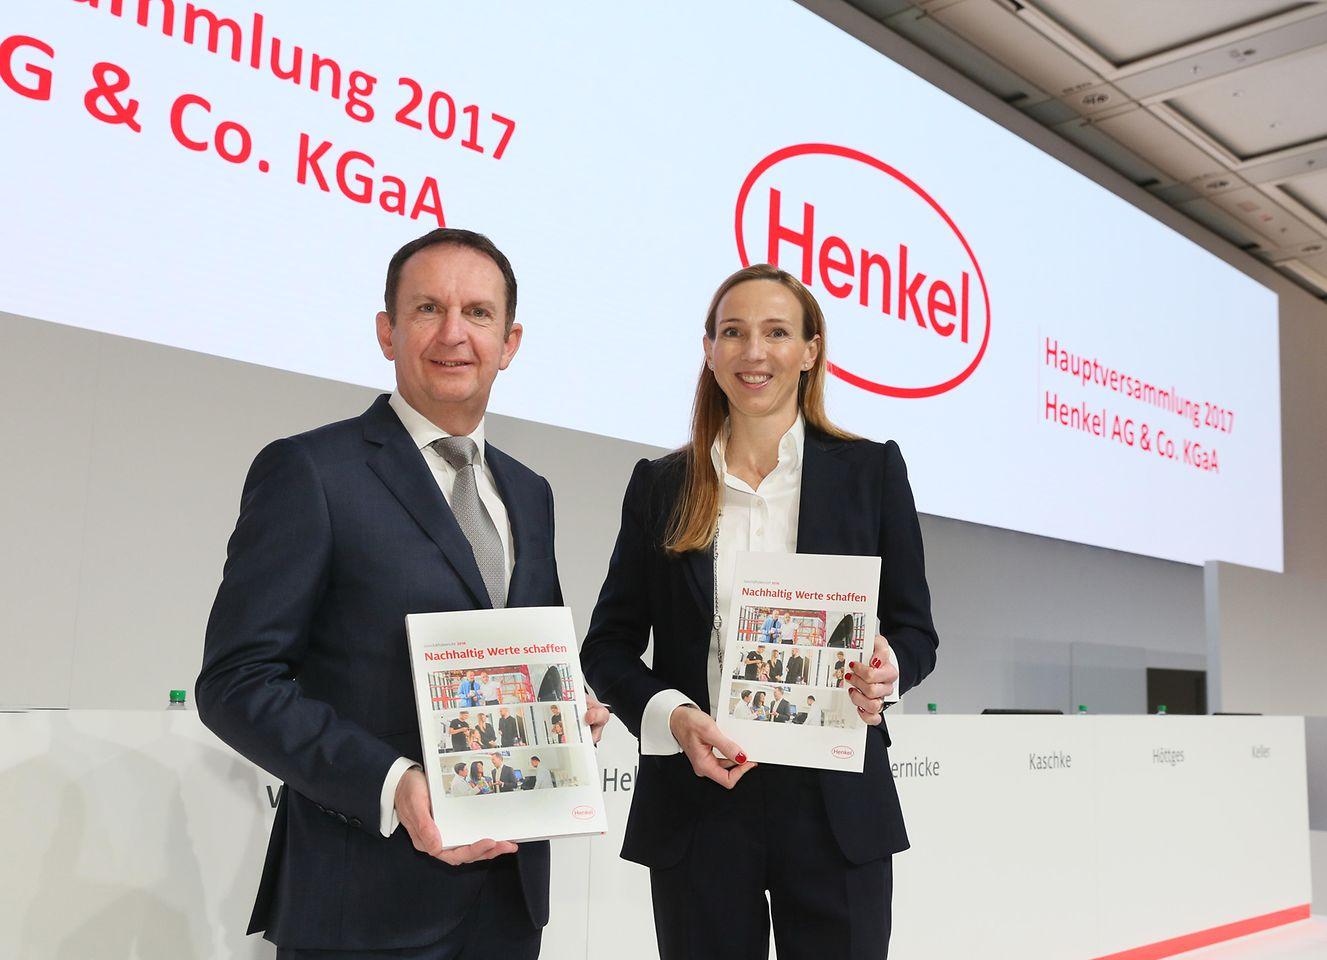 Hans Van Bylen, Vorsitzender des Vorstands, und Dr. Simone Bagel-Trah, Vorsitzende des Aufsichtsrats und Gesellschafterausschusses